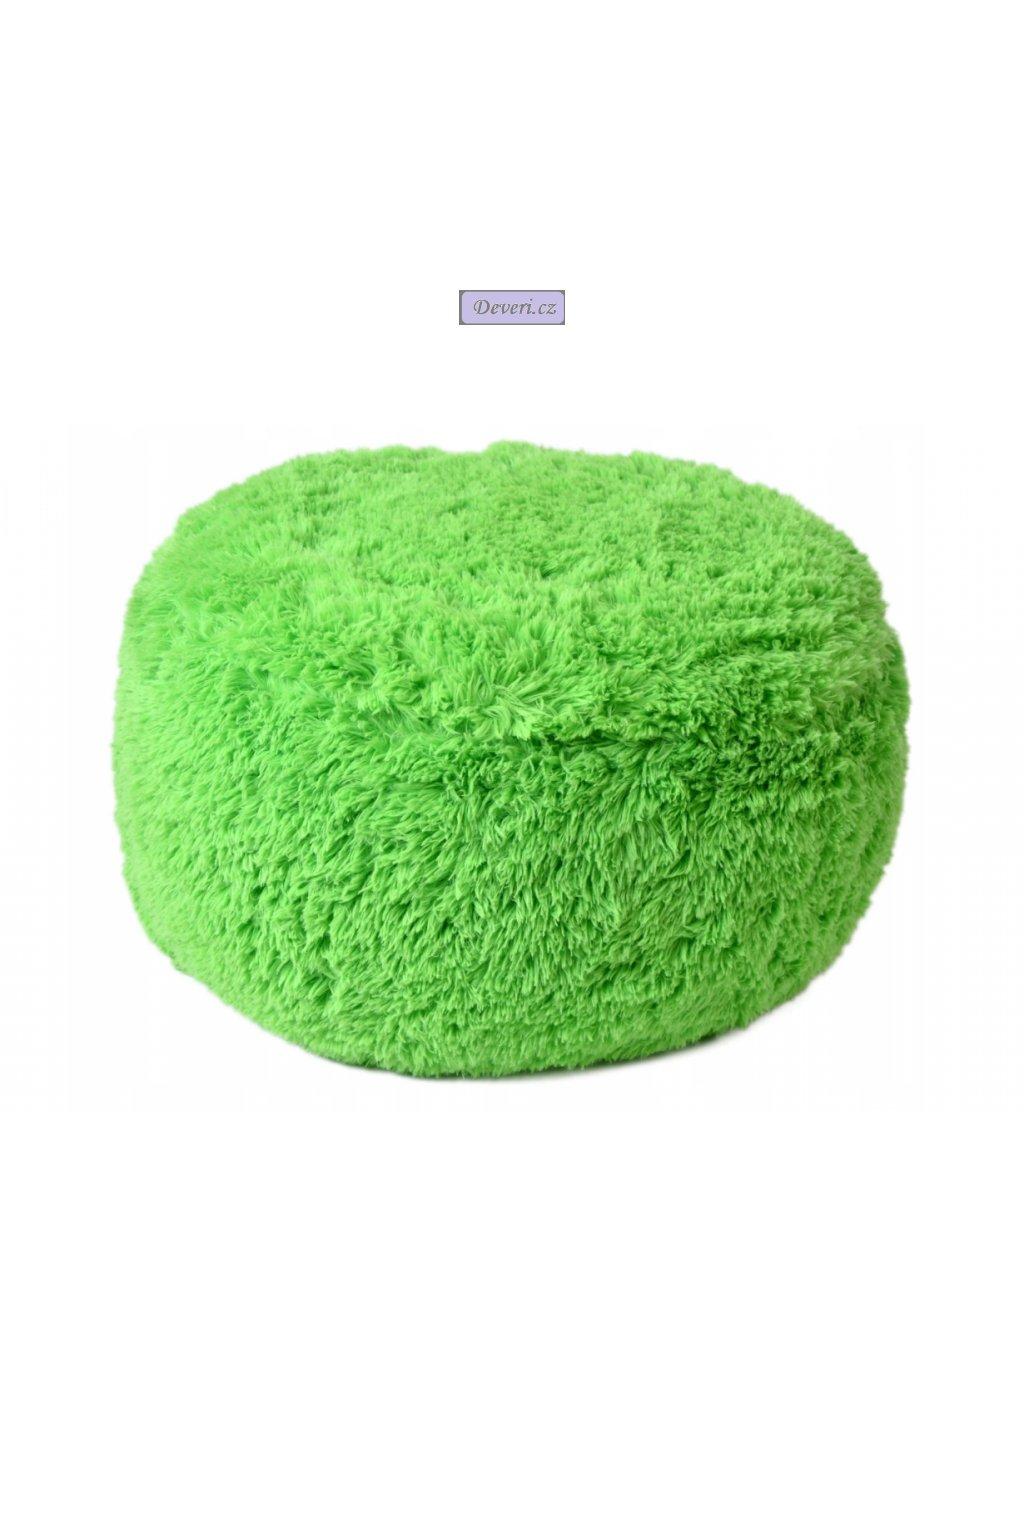 zelený puf